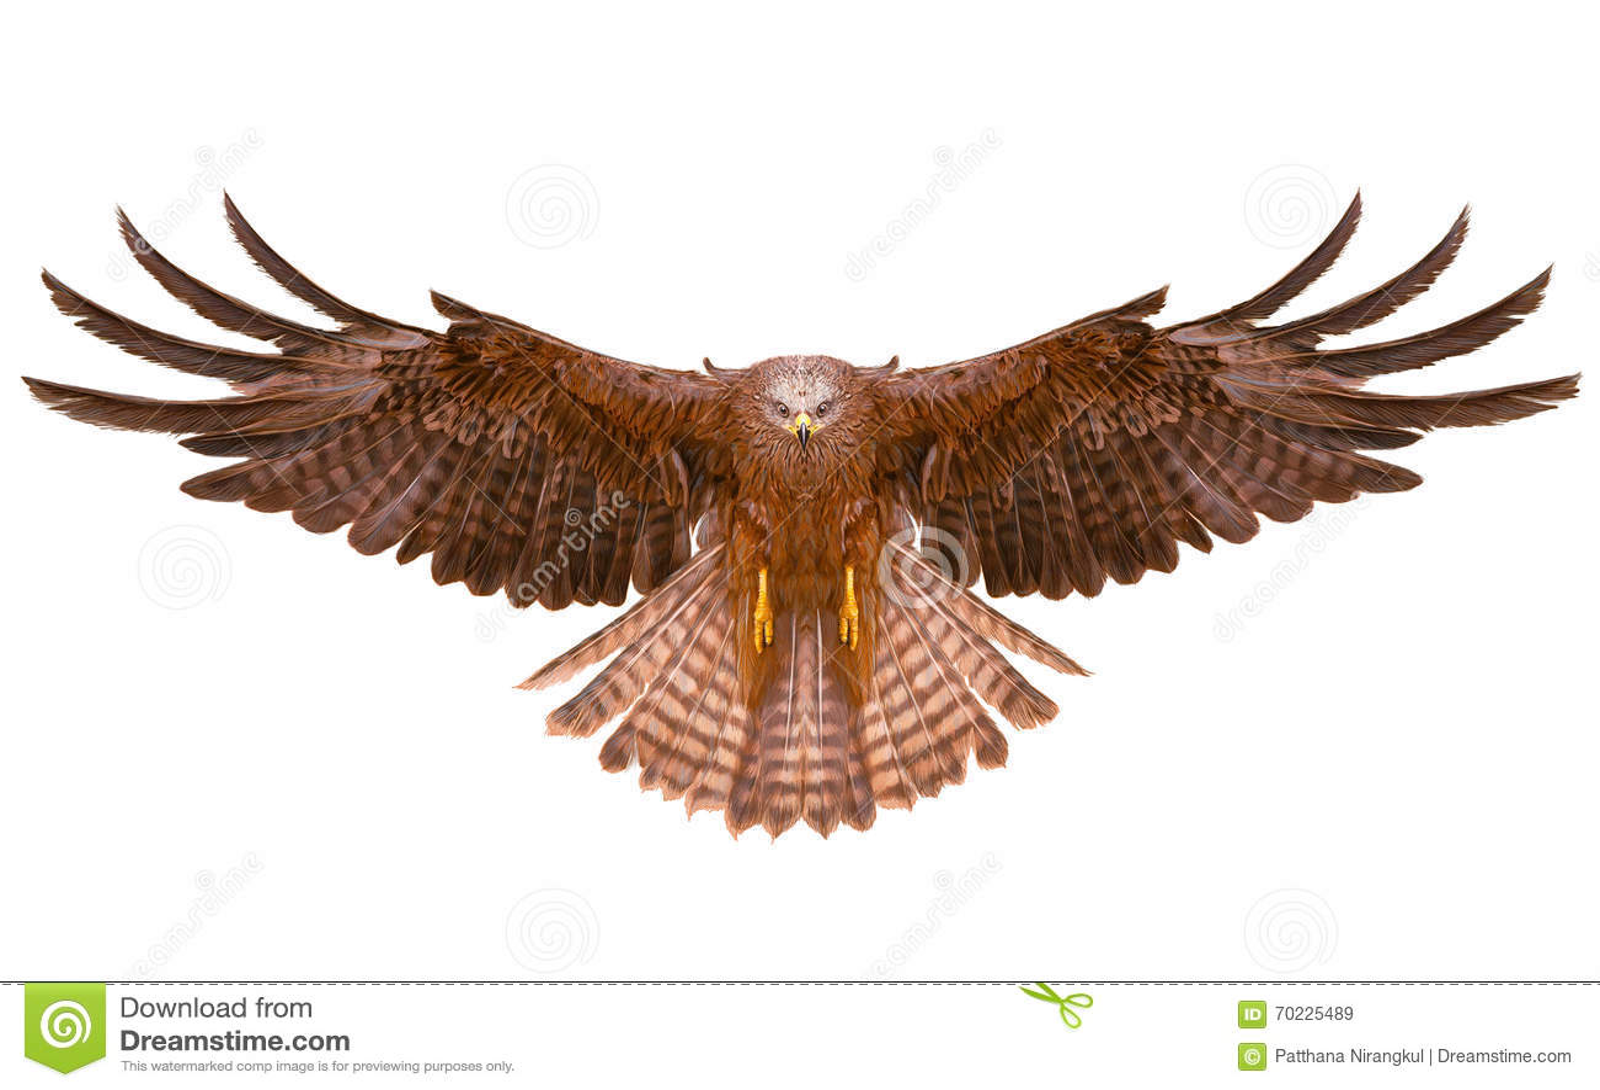 Eagle bird flying hand draw